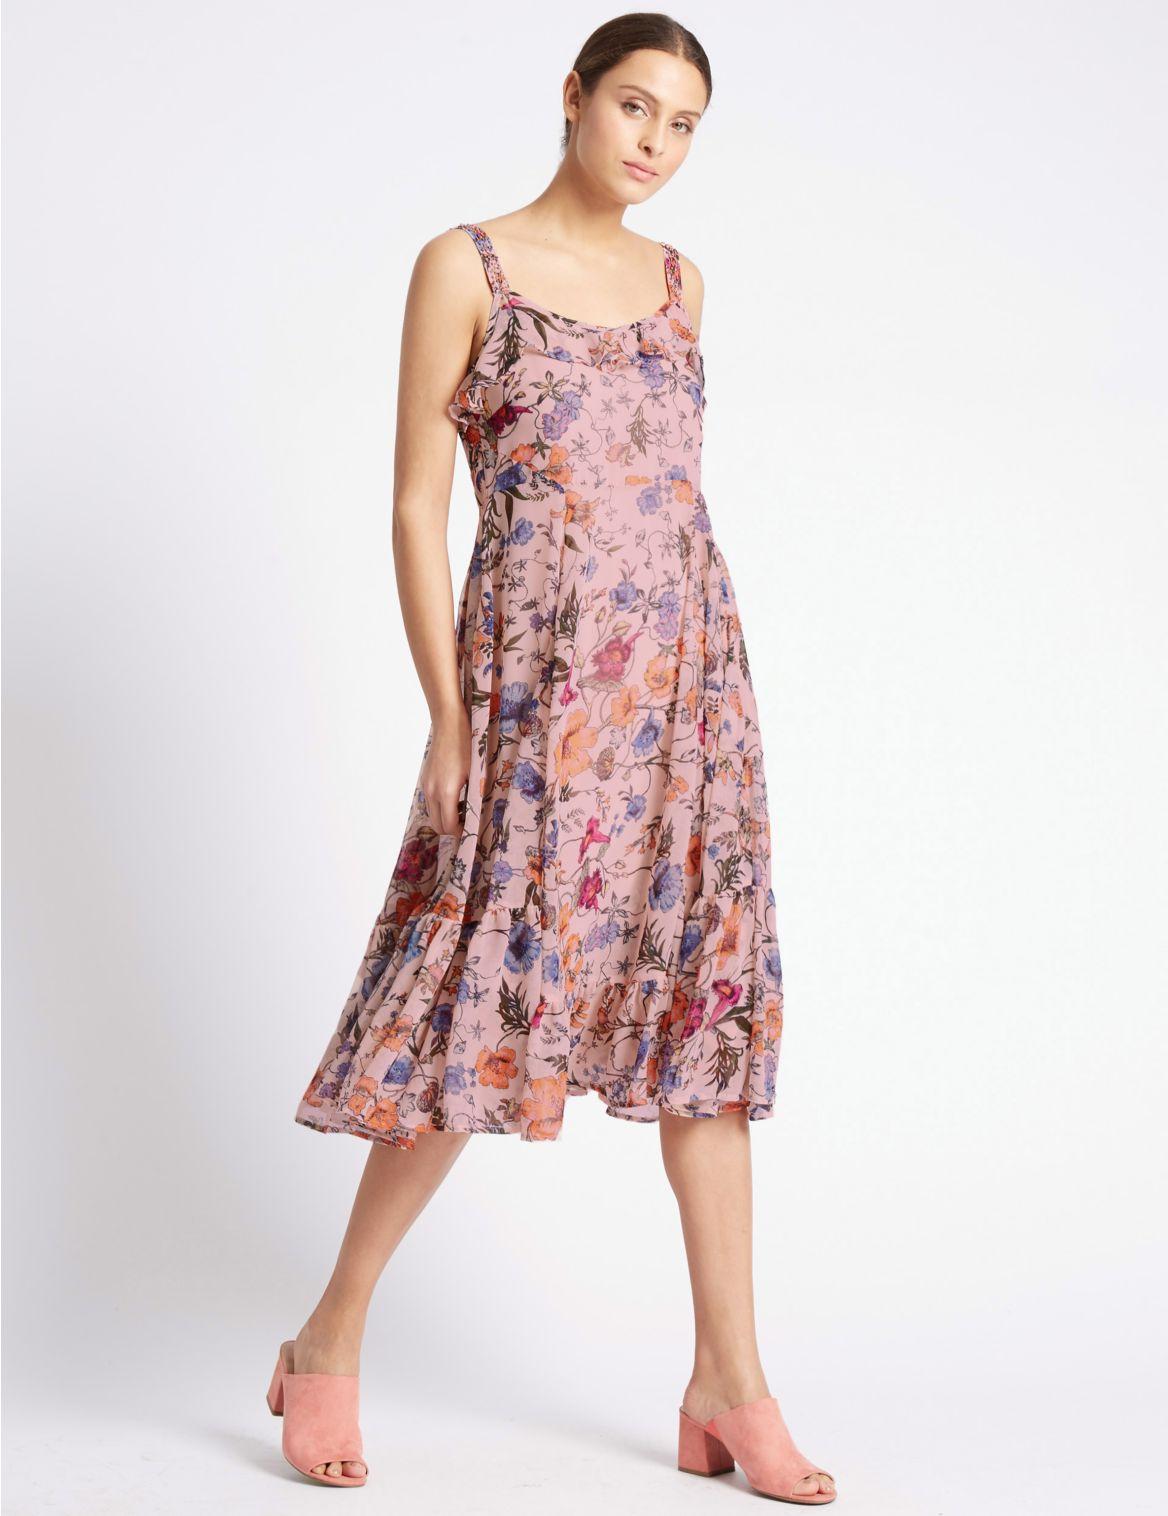 Romantische jurk met bloemmotief